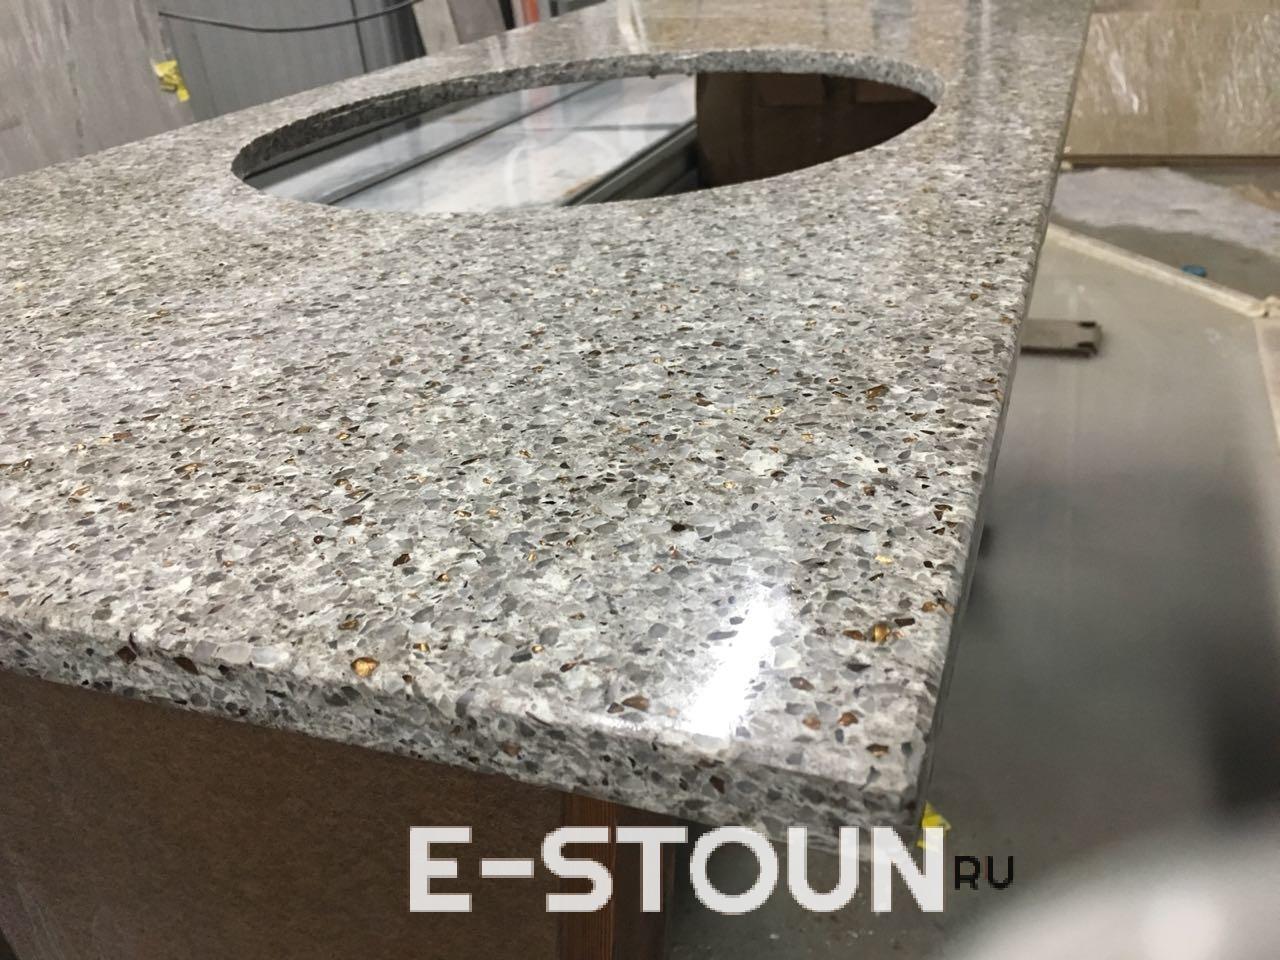 Столешница в ванную комнату из камня толщиной 20 мм: лежит на станке в цеху, вид сбоку